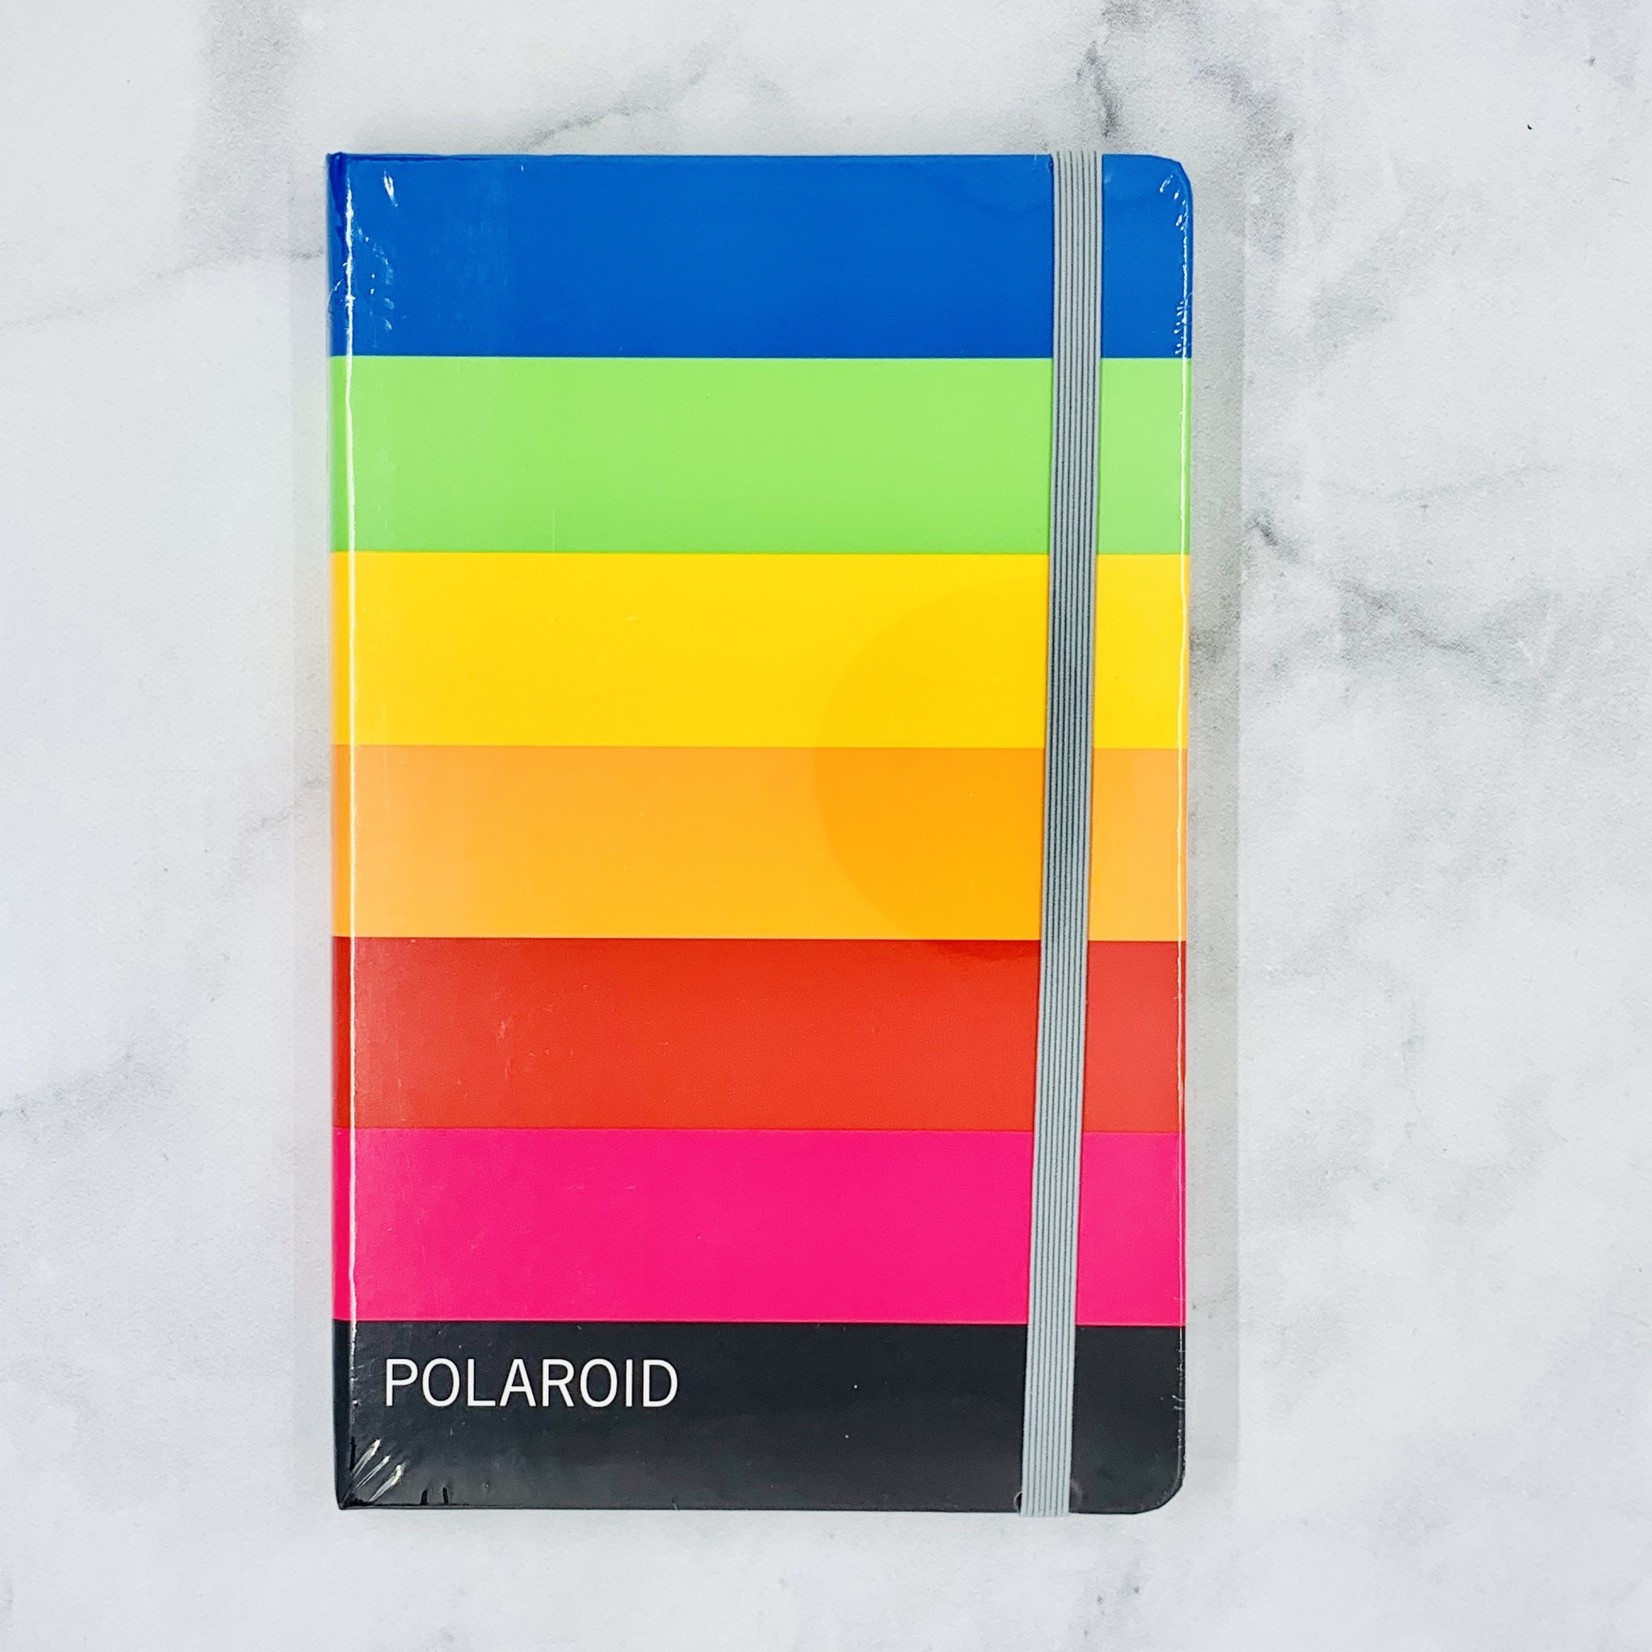 Polaroid Notebook